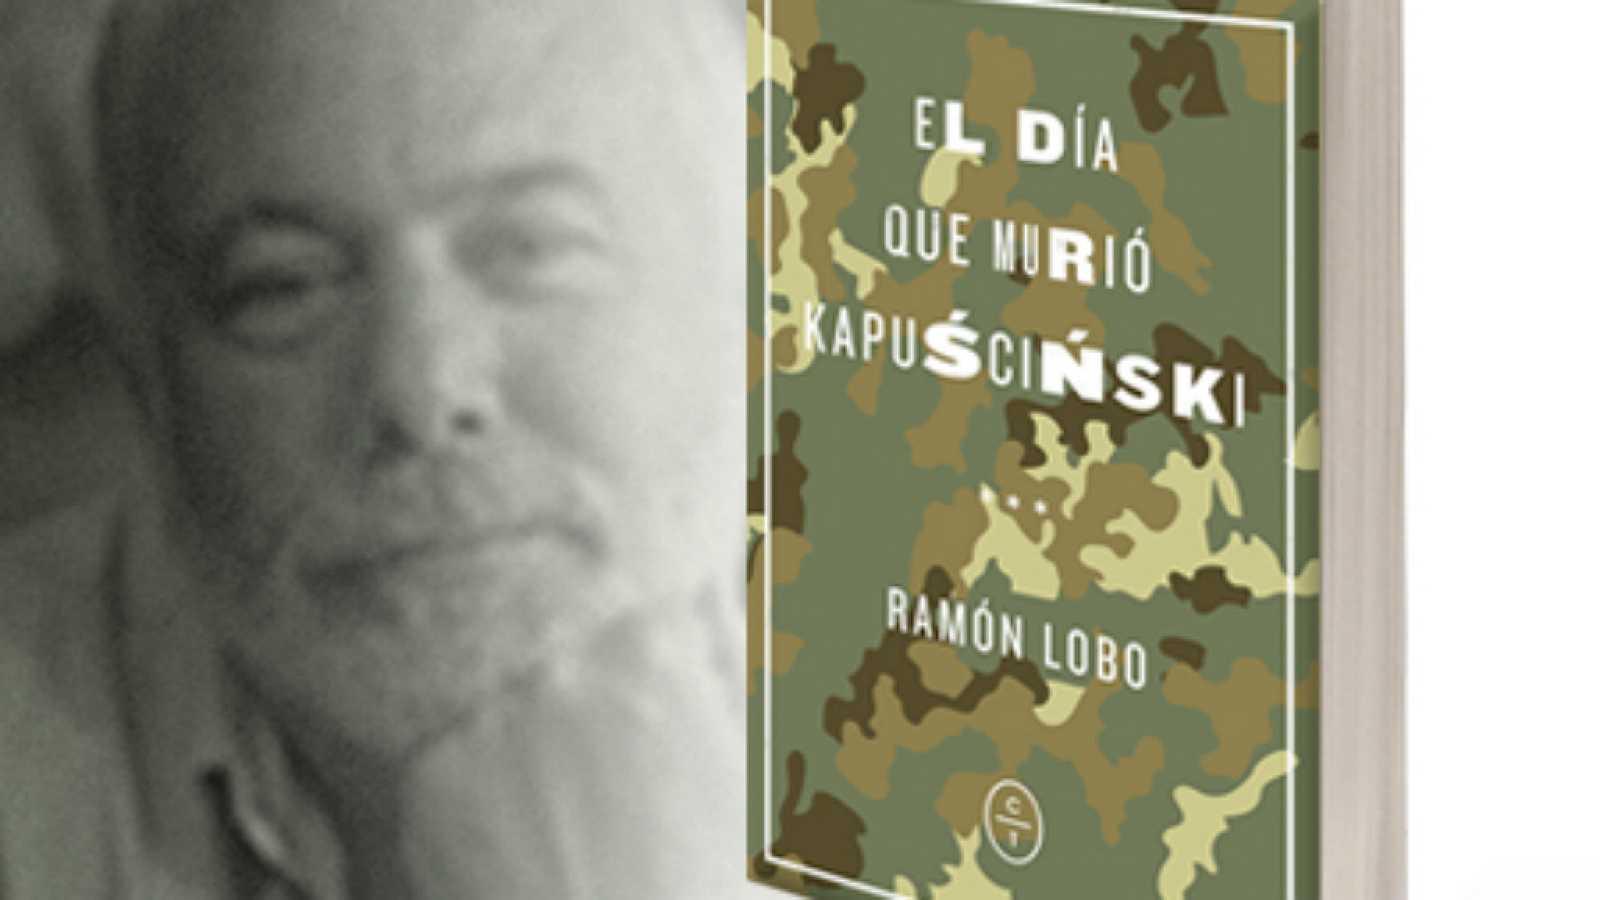 El mundo desde las Casas - Ramón Lobo - 18/09/19 - Escuchar ahora